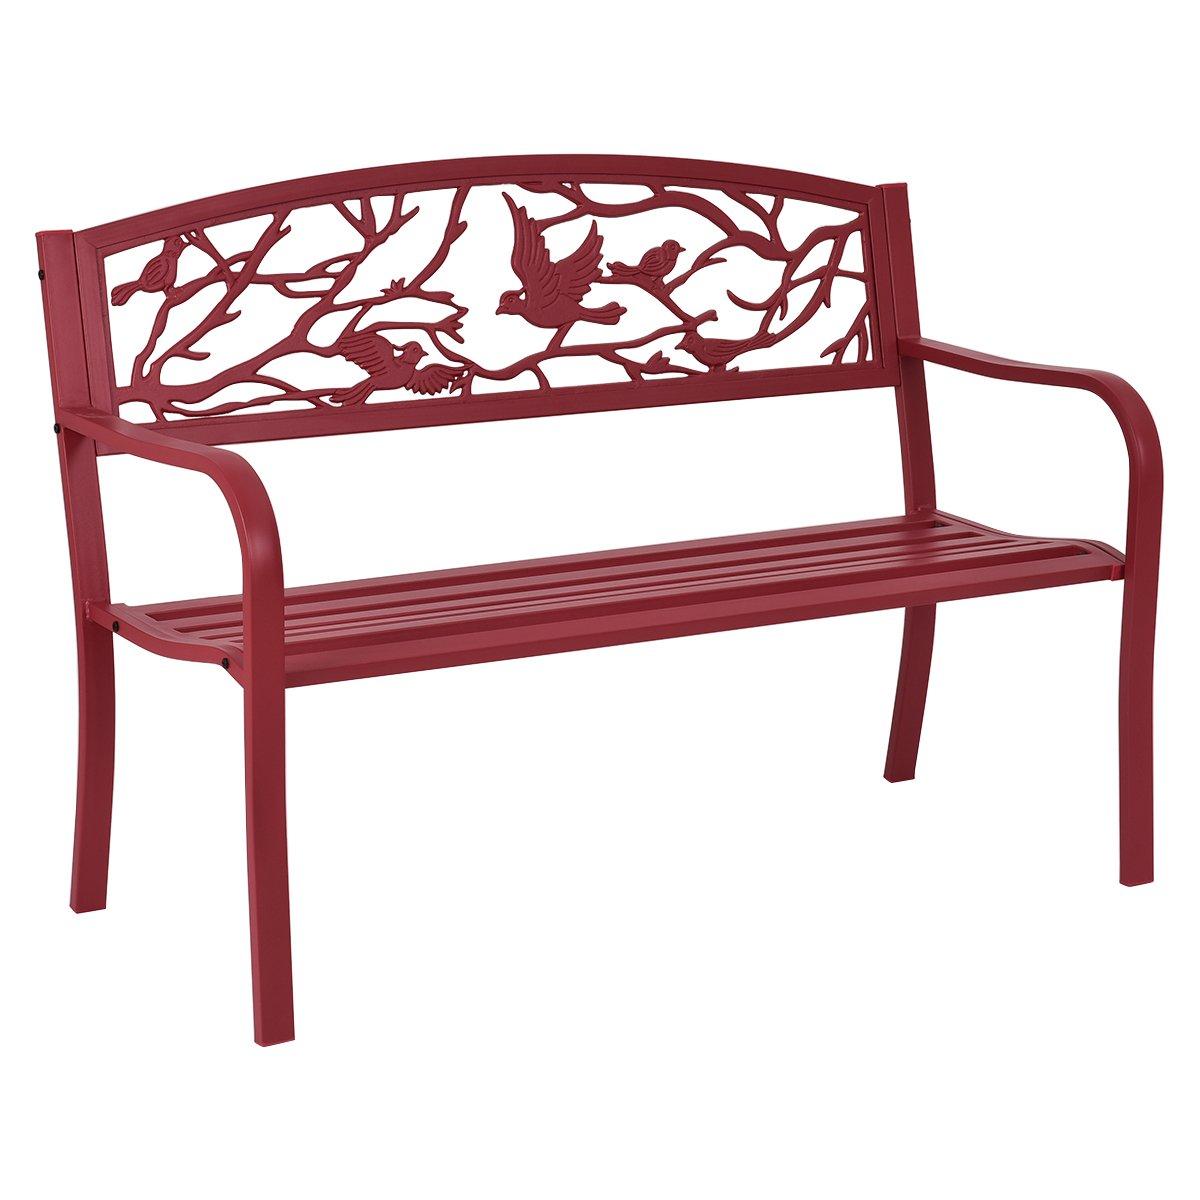 Amazon com giantex patio garden bench park yard outdoor furniture cast iron porch chair red garden outdoor